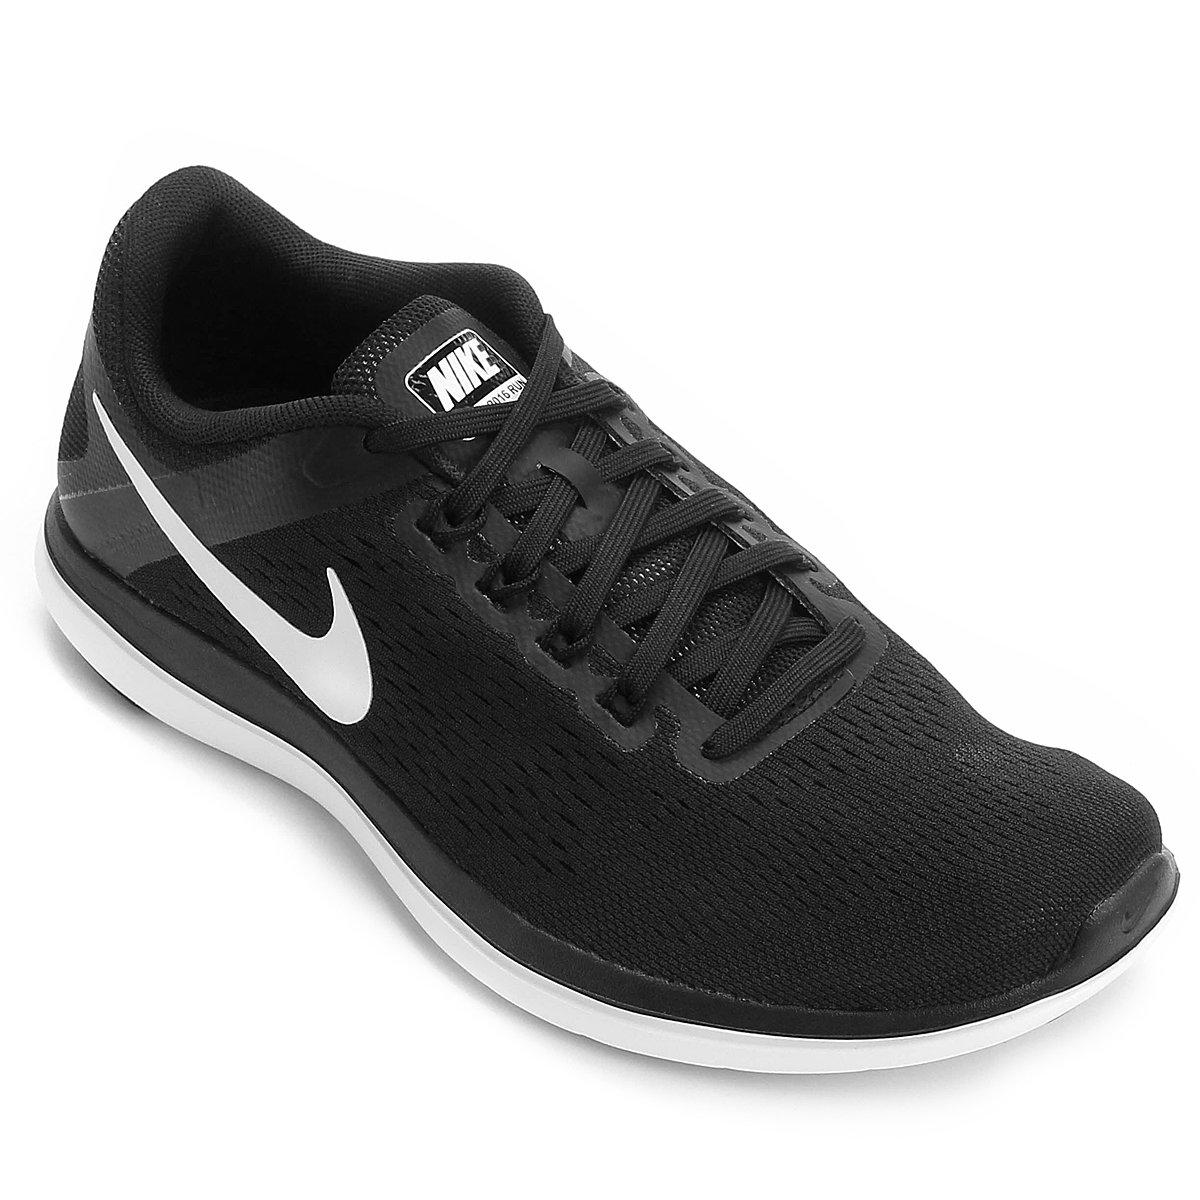 2b948d7fe7 Tênis Nike Flex 2016 RN Feminino - Compre Agora